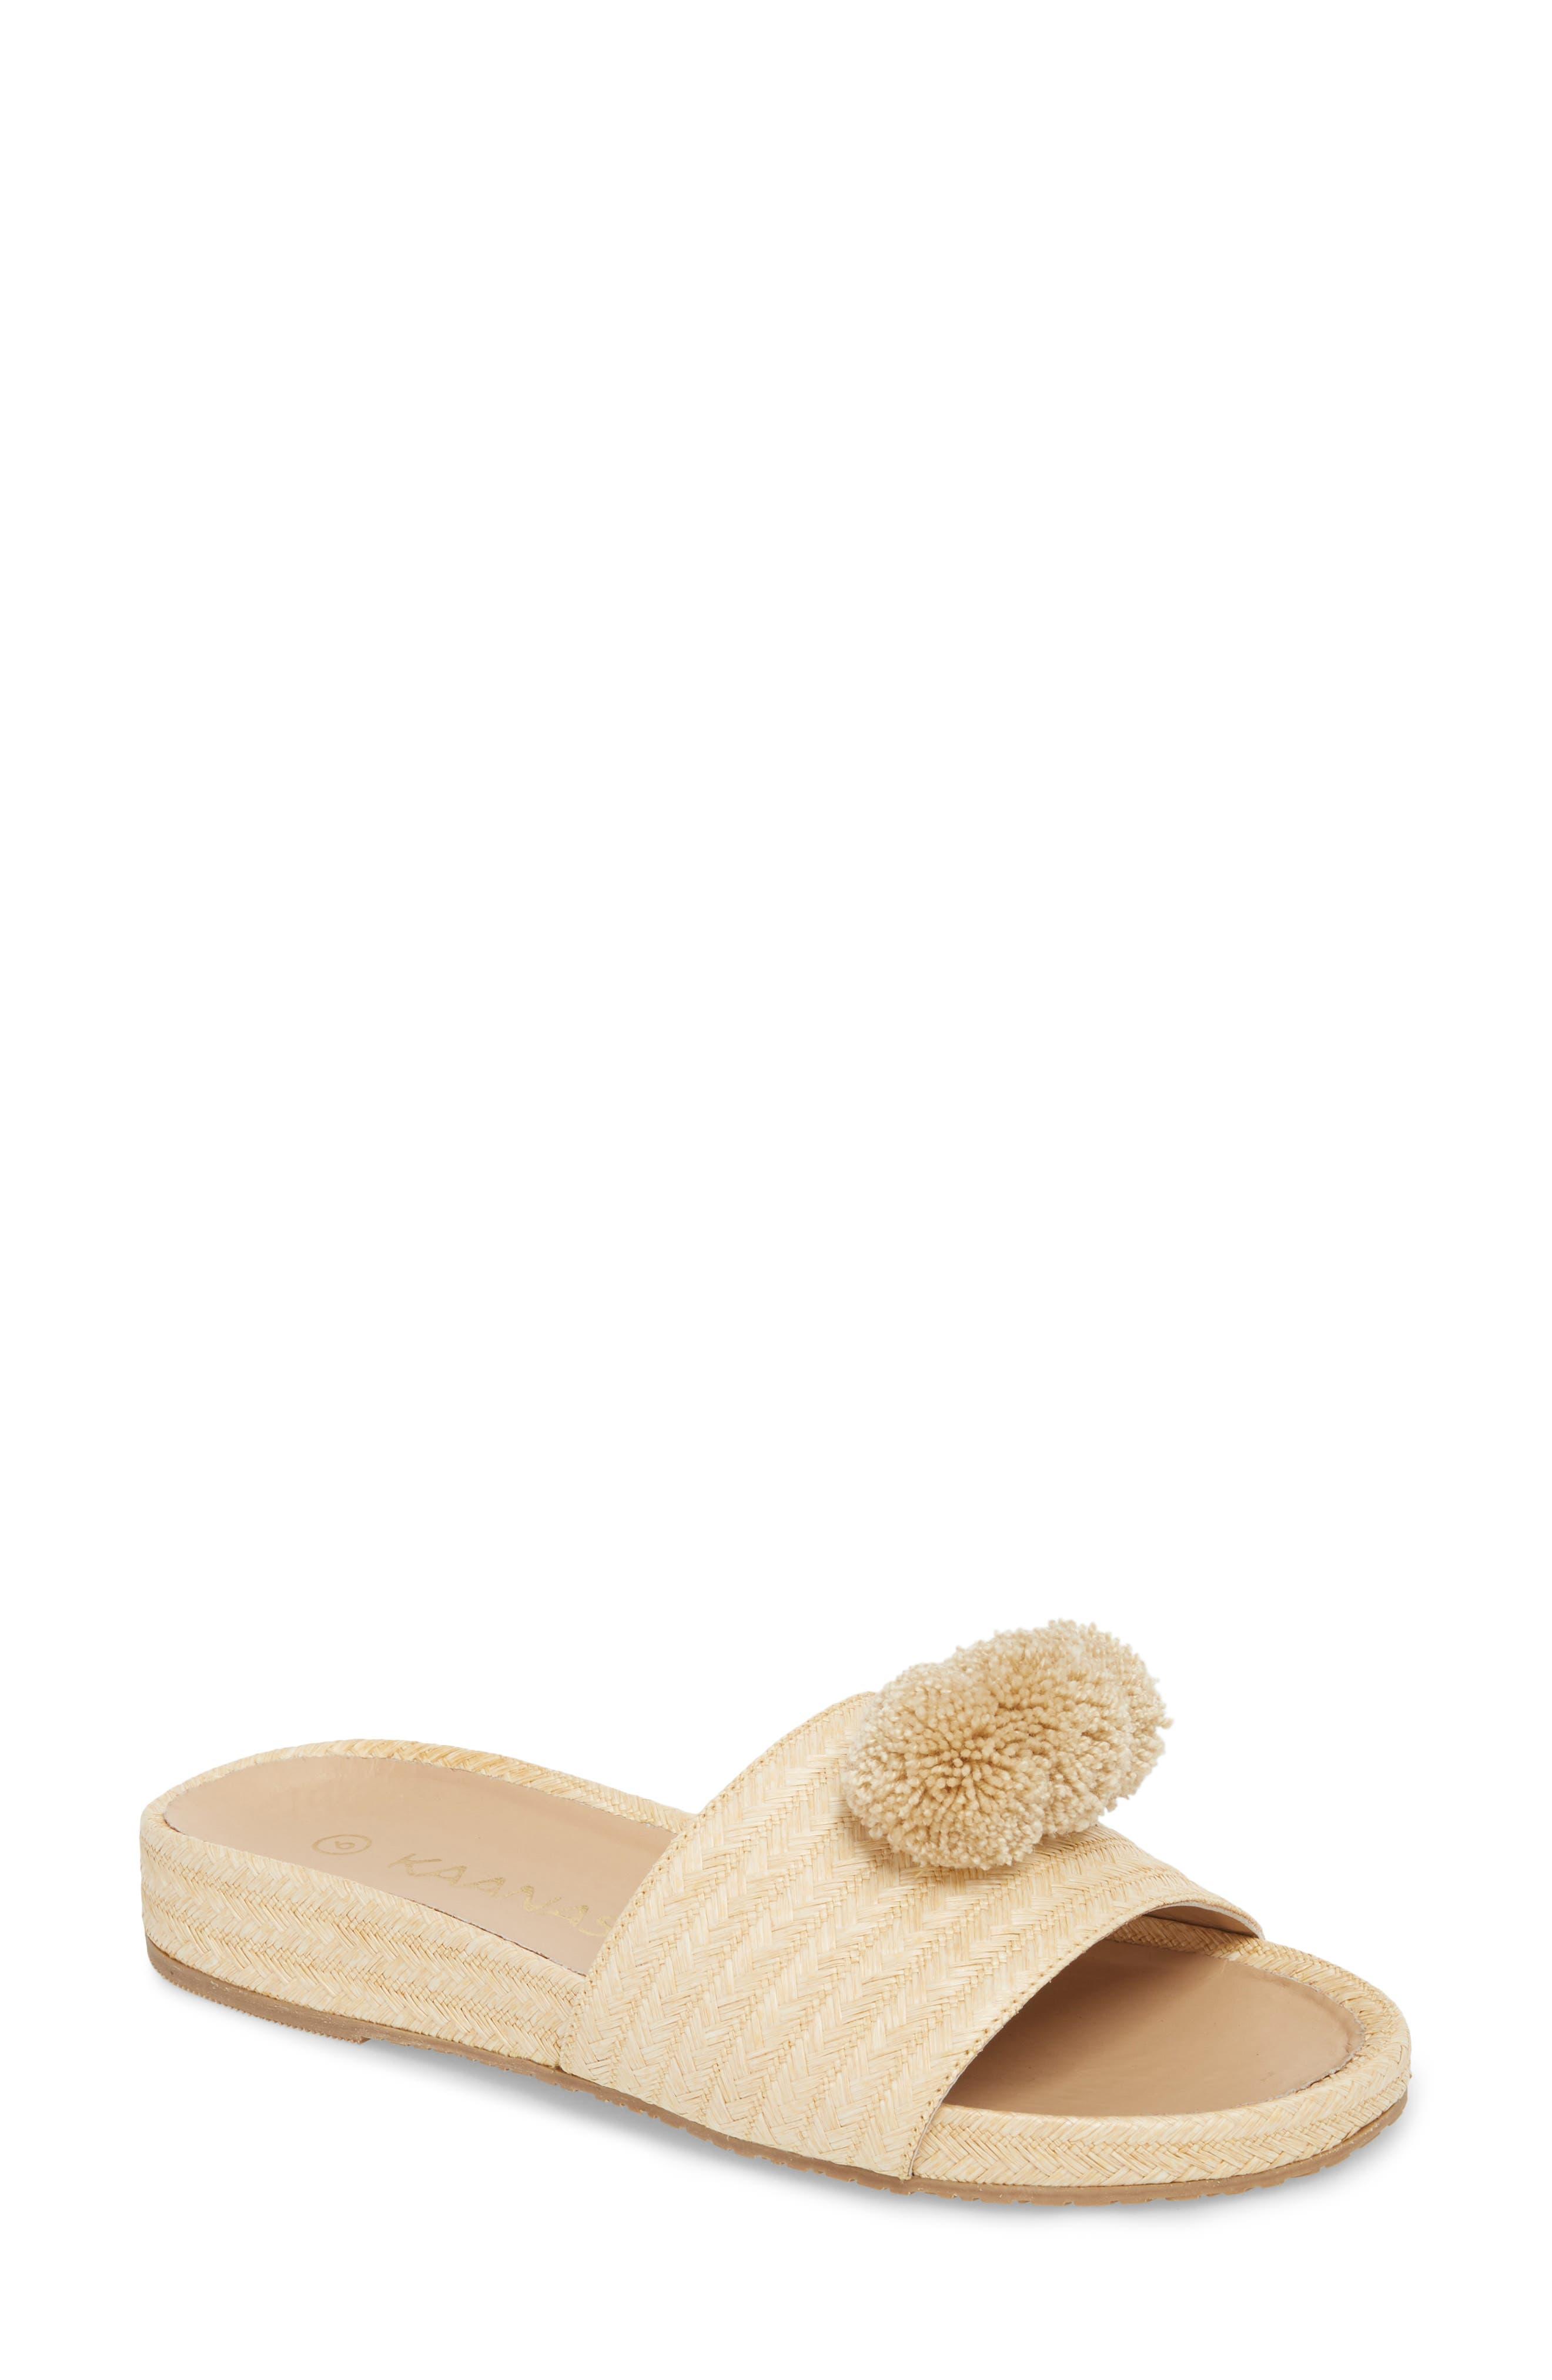 Santa Cruz Pom Slide Sandal,                         Main,                         color, 020